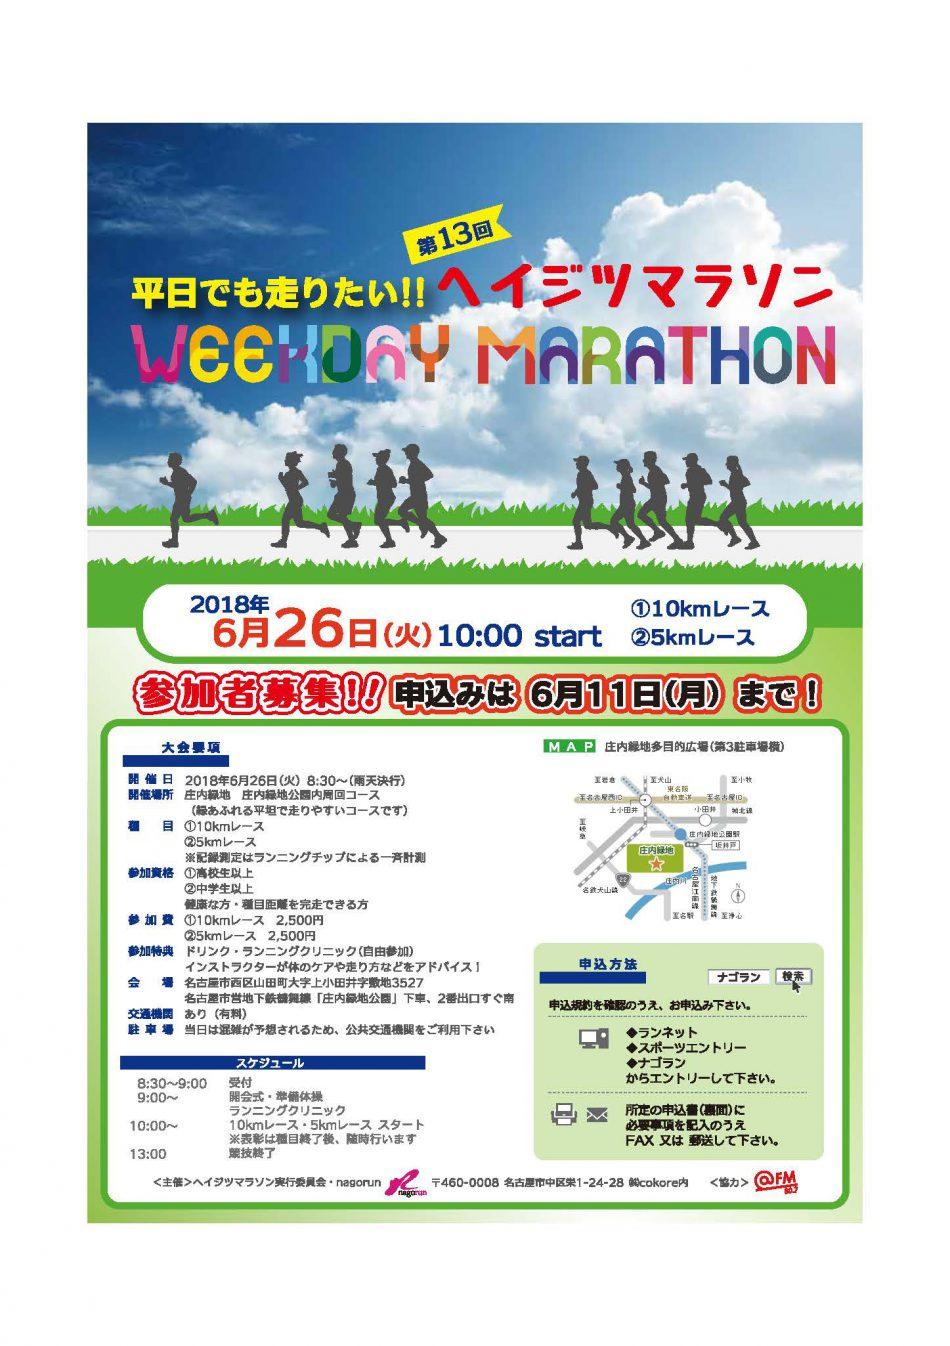 13thヘイジツマラソン2